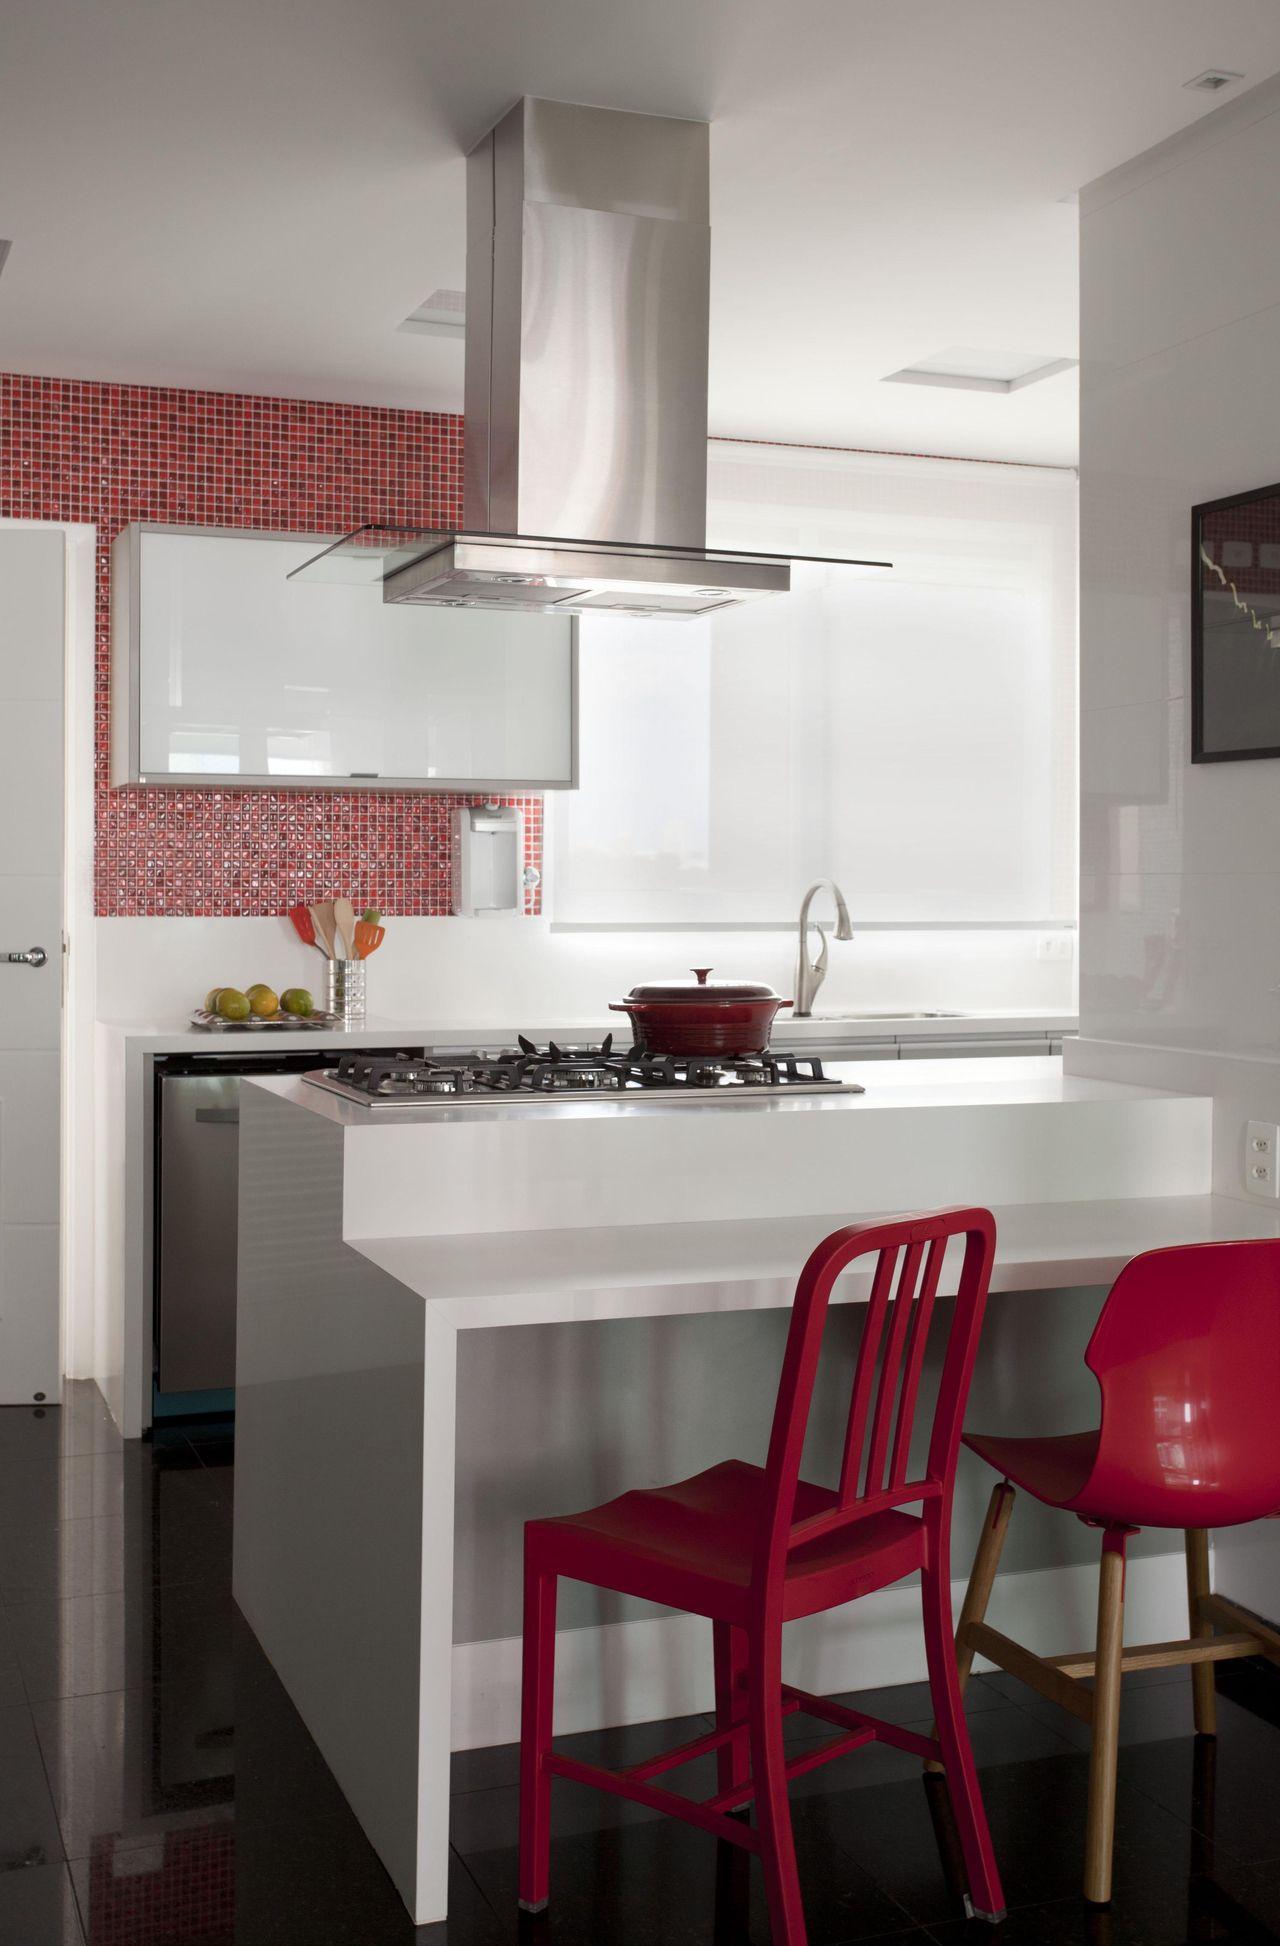 Cozinha Americana Com Cadeiras Vermelha De Rica Salguero 65566 No